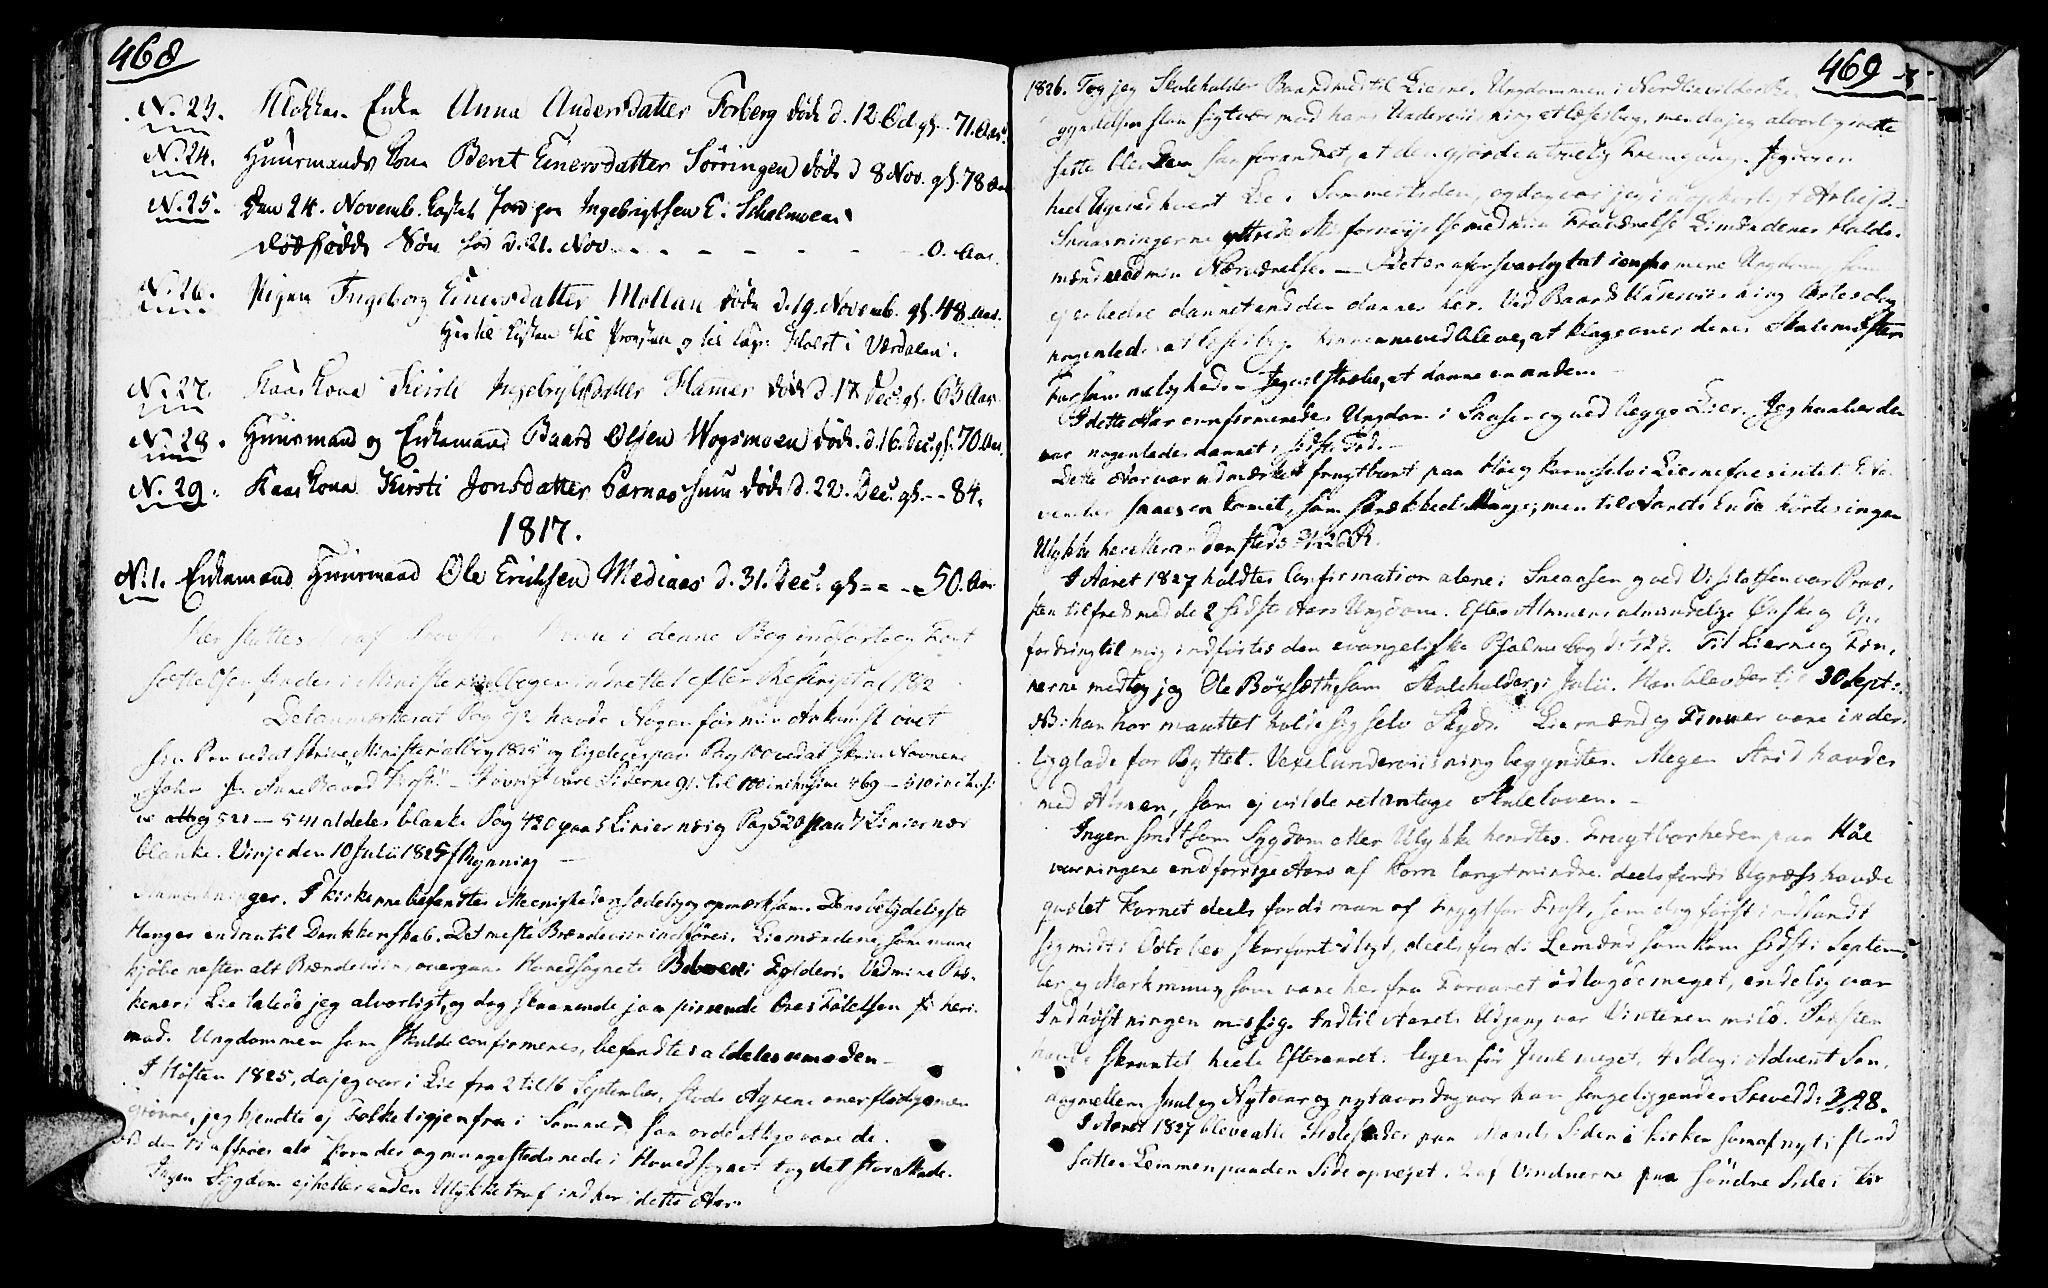 SAT, Ministerialprotokoller, klokkerbøker og fødselsregistre - Nord-Trøndelag, 749/L0468: Ministerialbok nr. 749A02, 1787-1817, s. 468-469